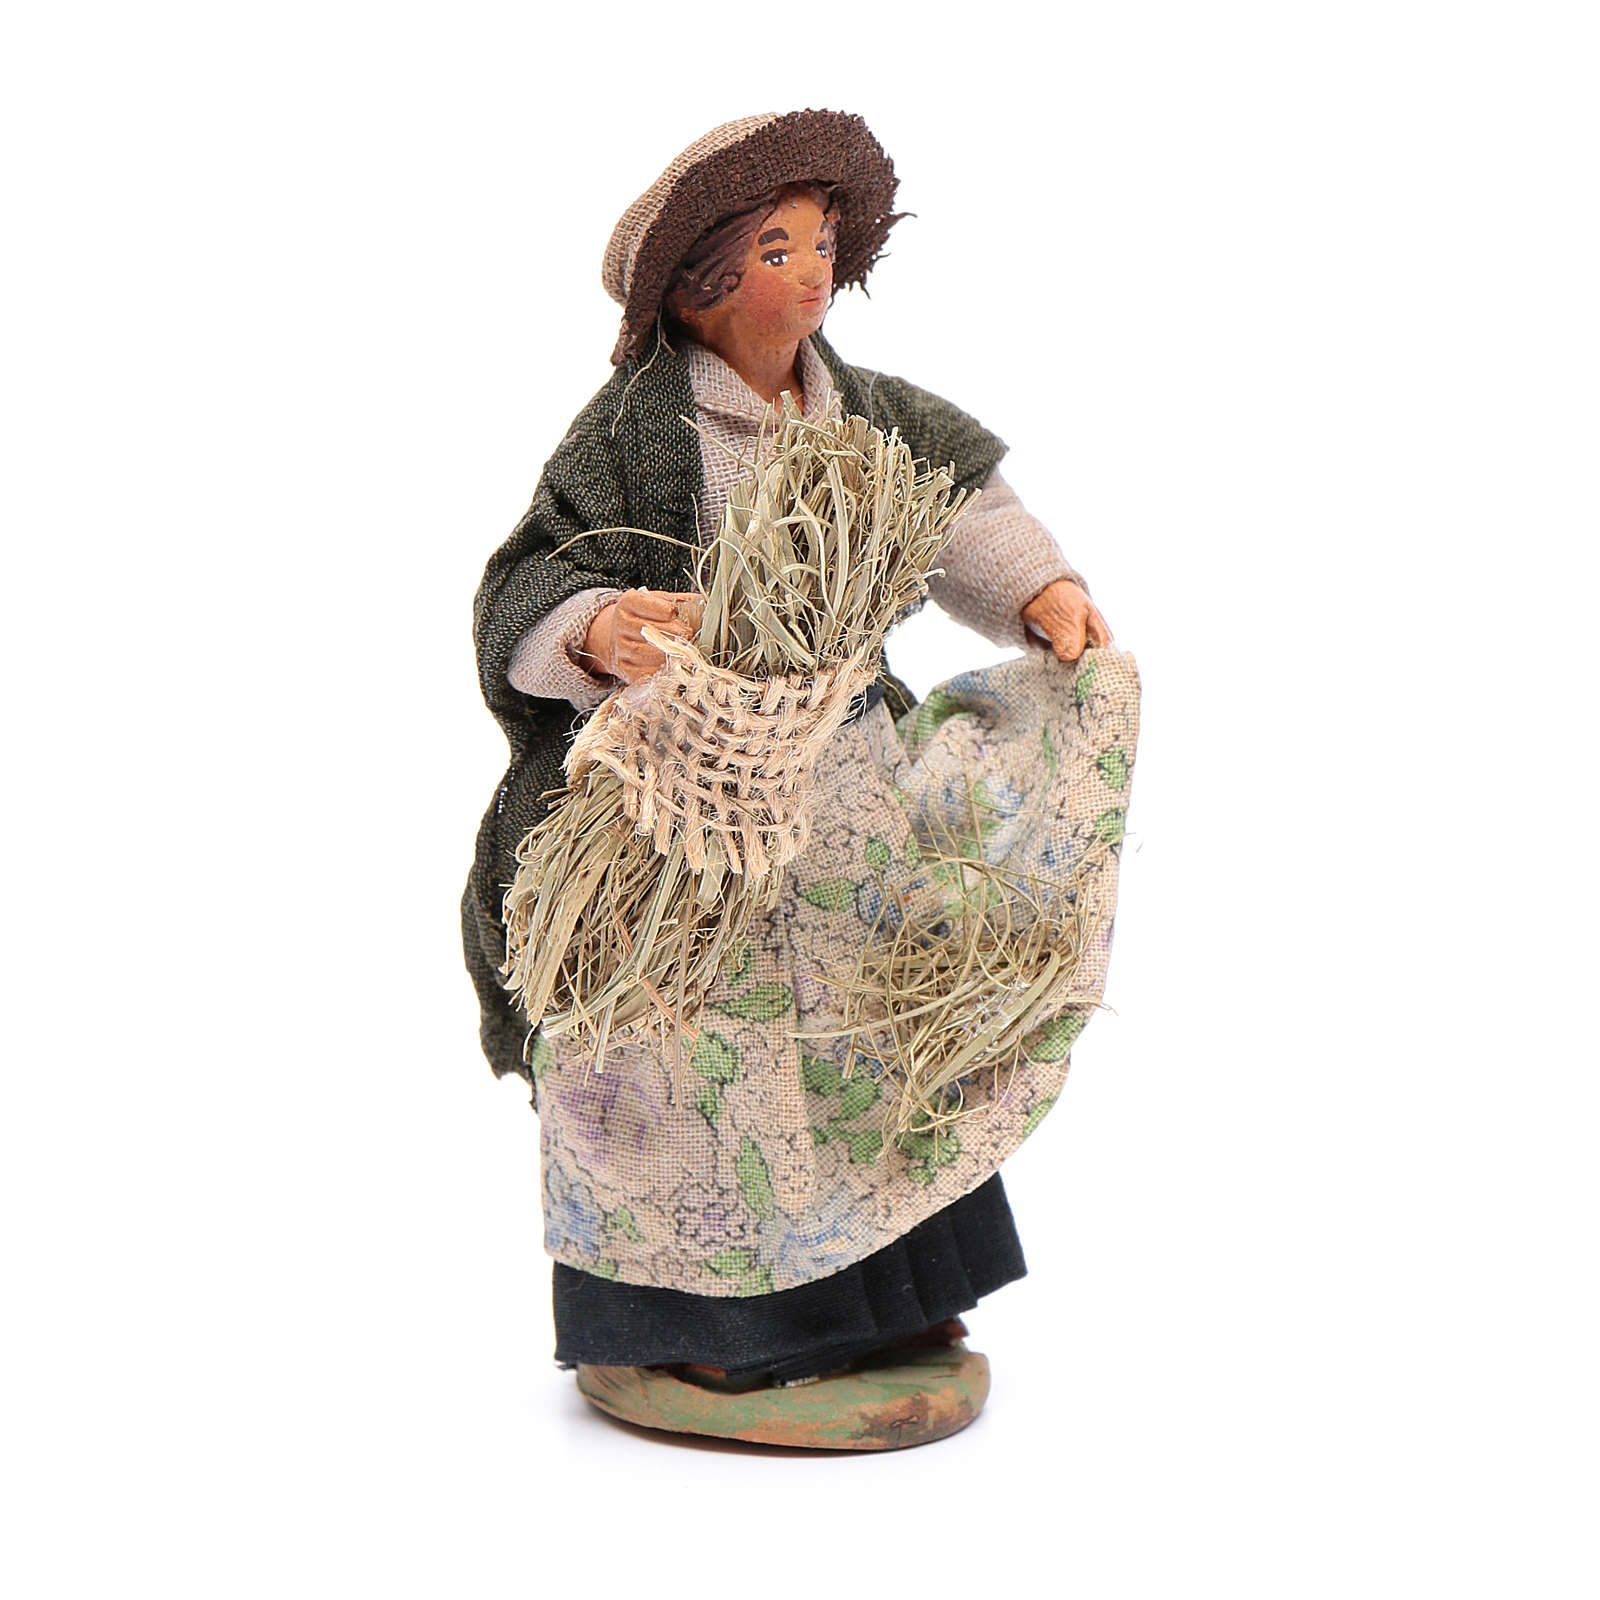 Mujer que cosecha 10 cm Belén napolitano 4